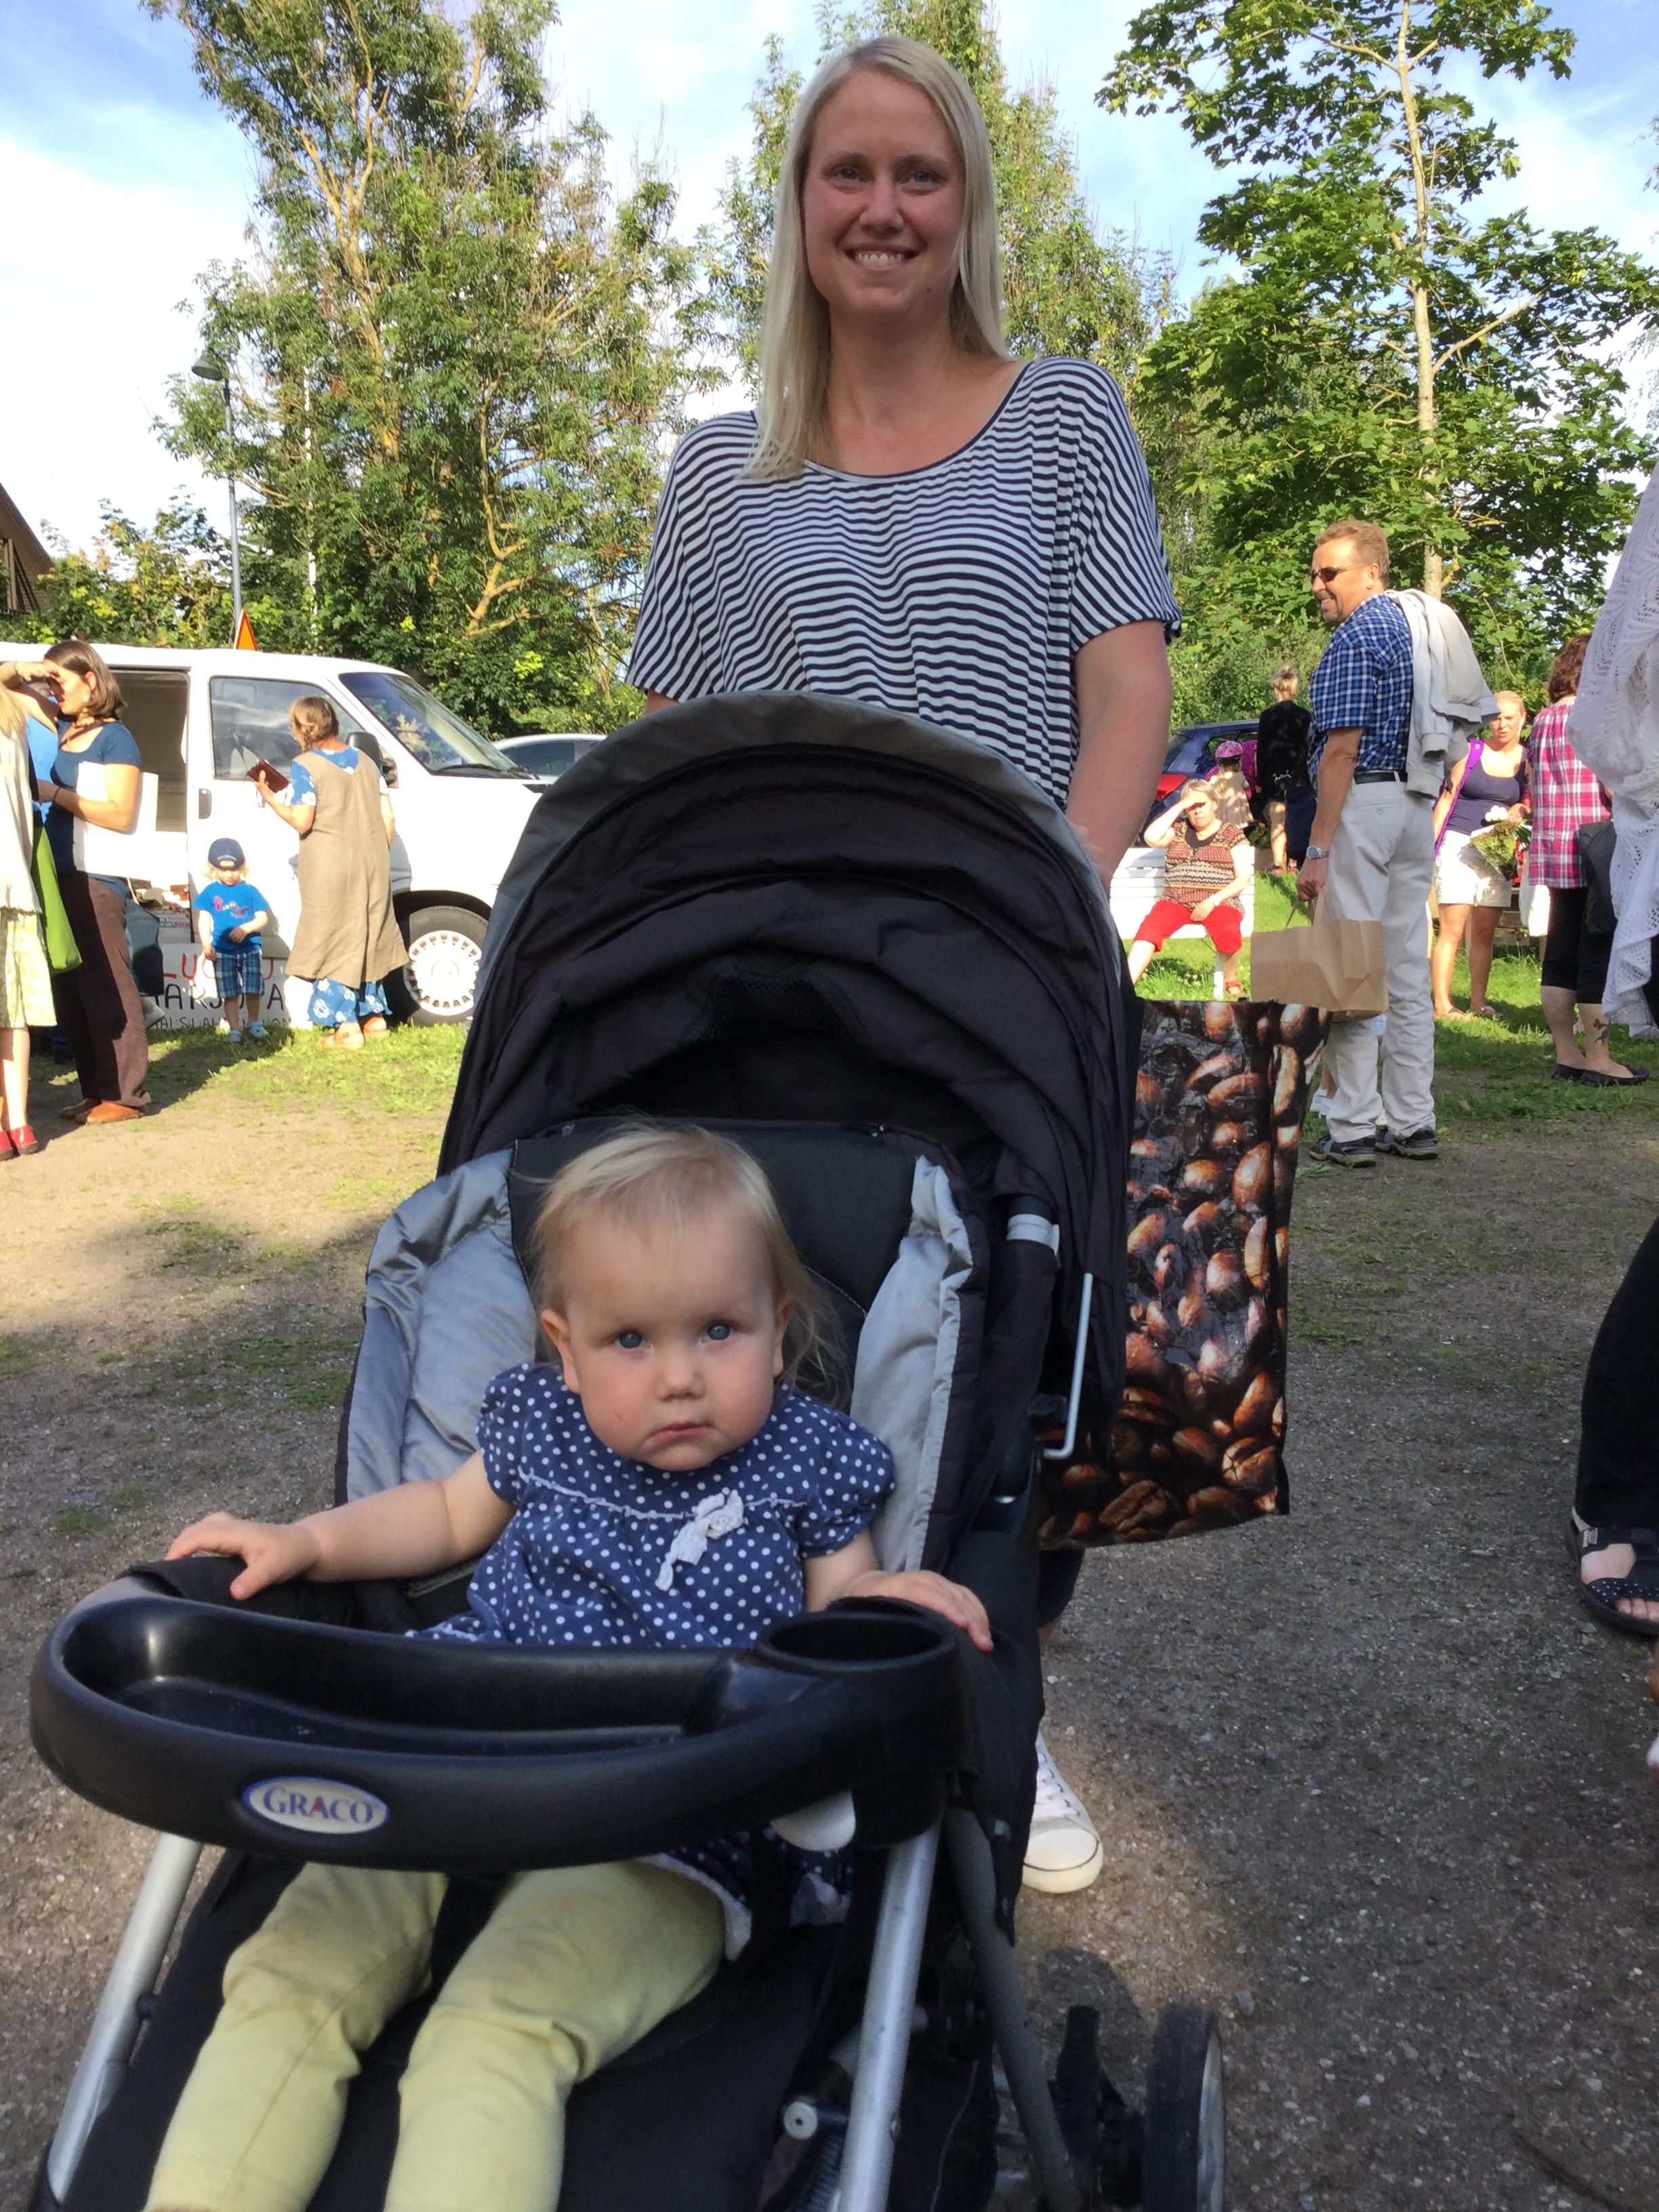 Heidi Svahnström tilaa Reko-lähiruokarenkasta säännöllisesti lähiruokatuotteita. Tänään hän tuli noutamaan tilaamansa tuotteet Natalien kanssa.